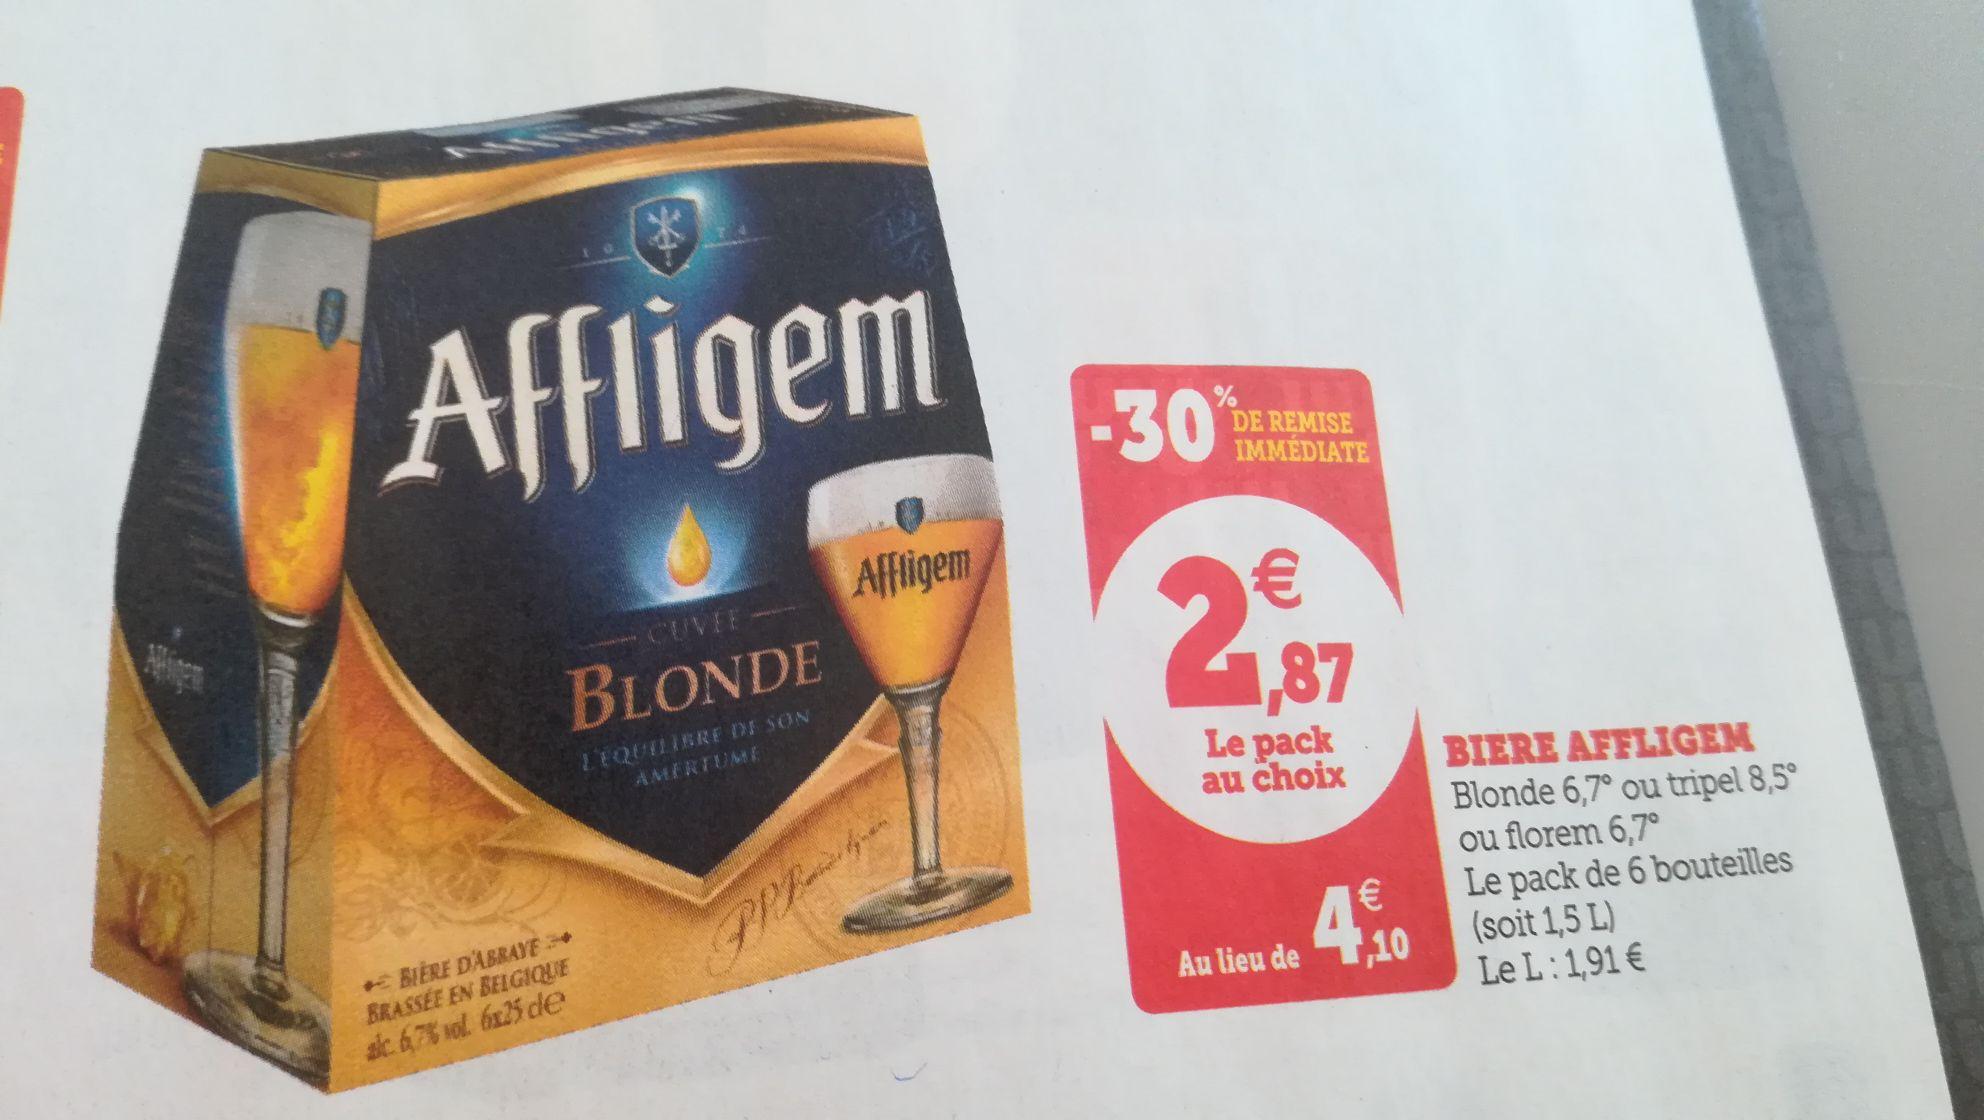 Pack de 6 bières Affligem - différents types (6x25 cl) - La Rochelle (17)